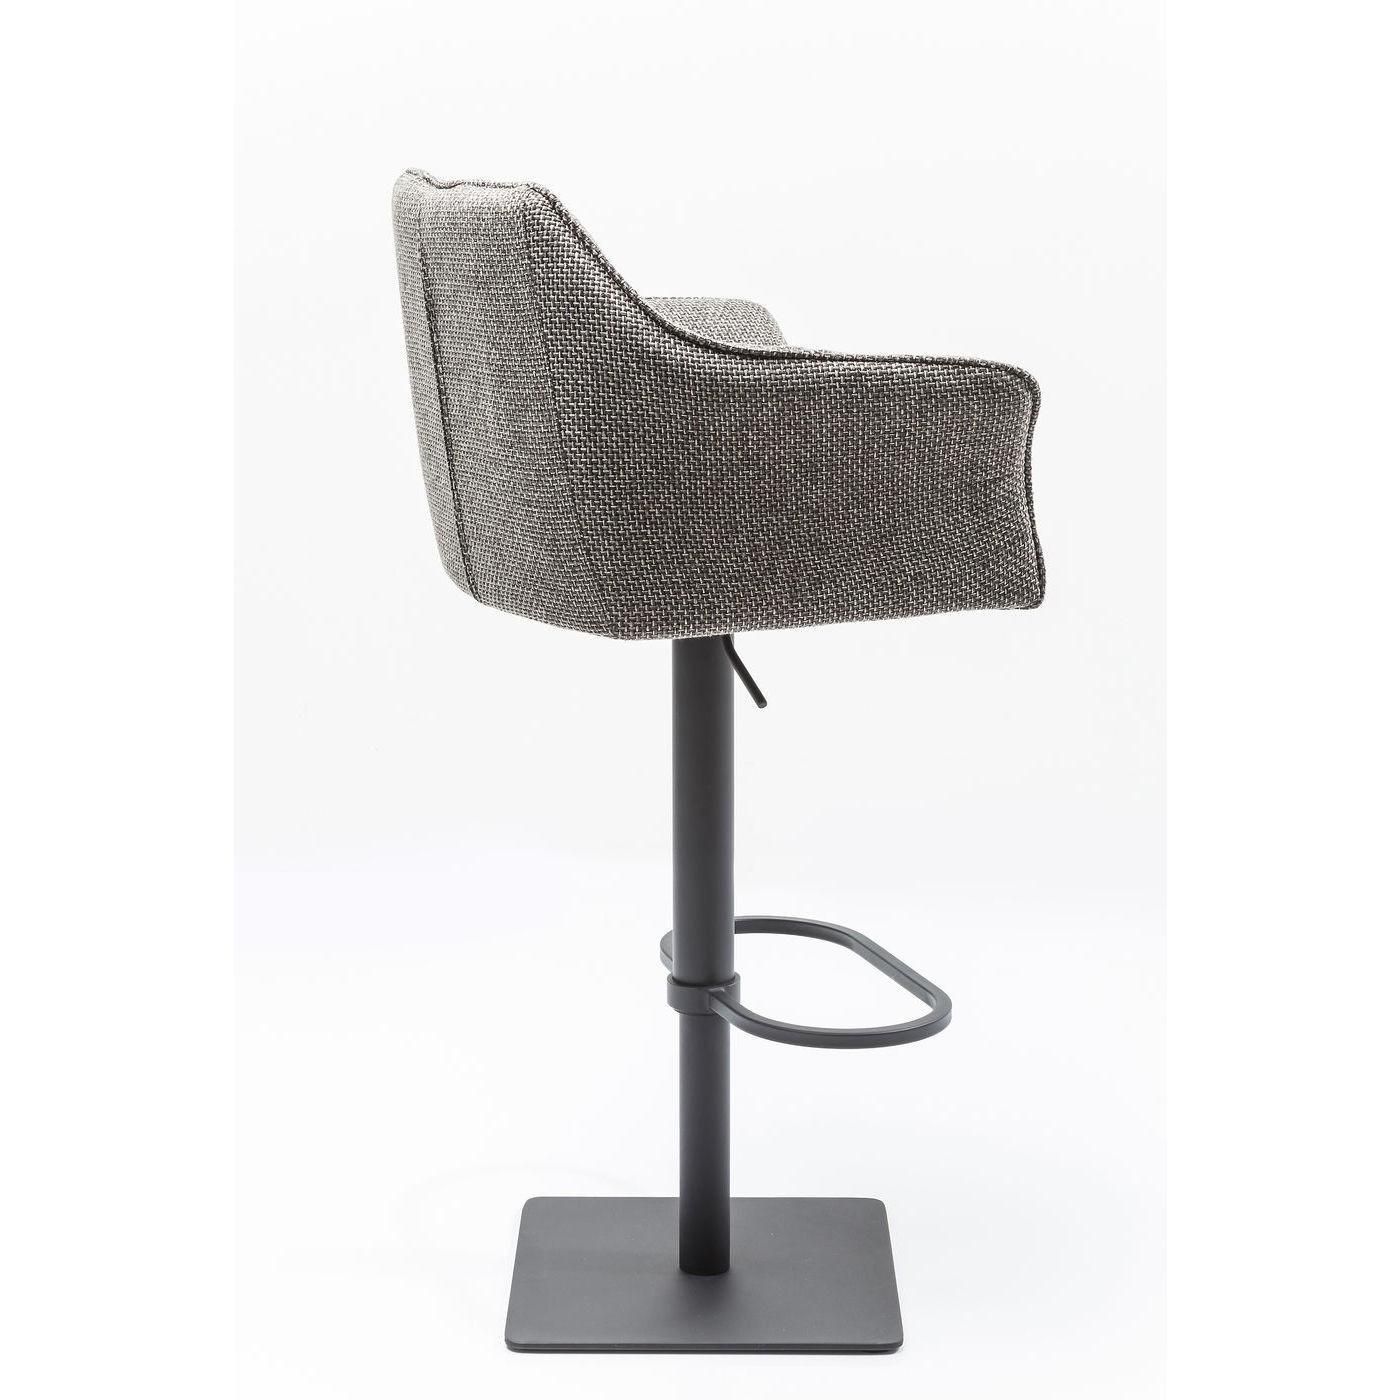 Tabouret de bar réglable gris et acier